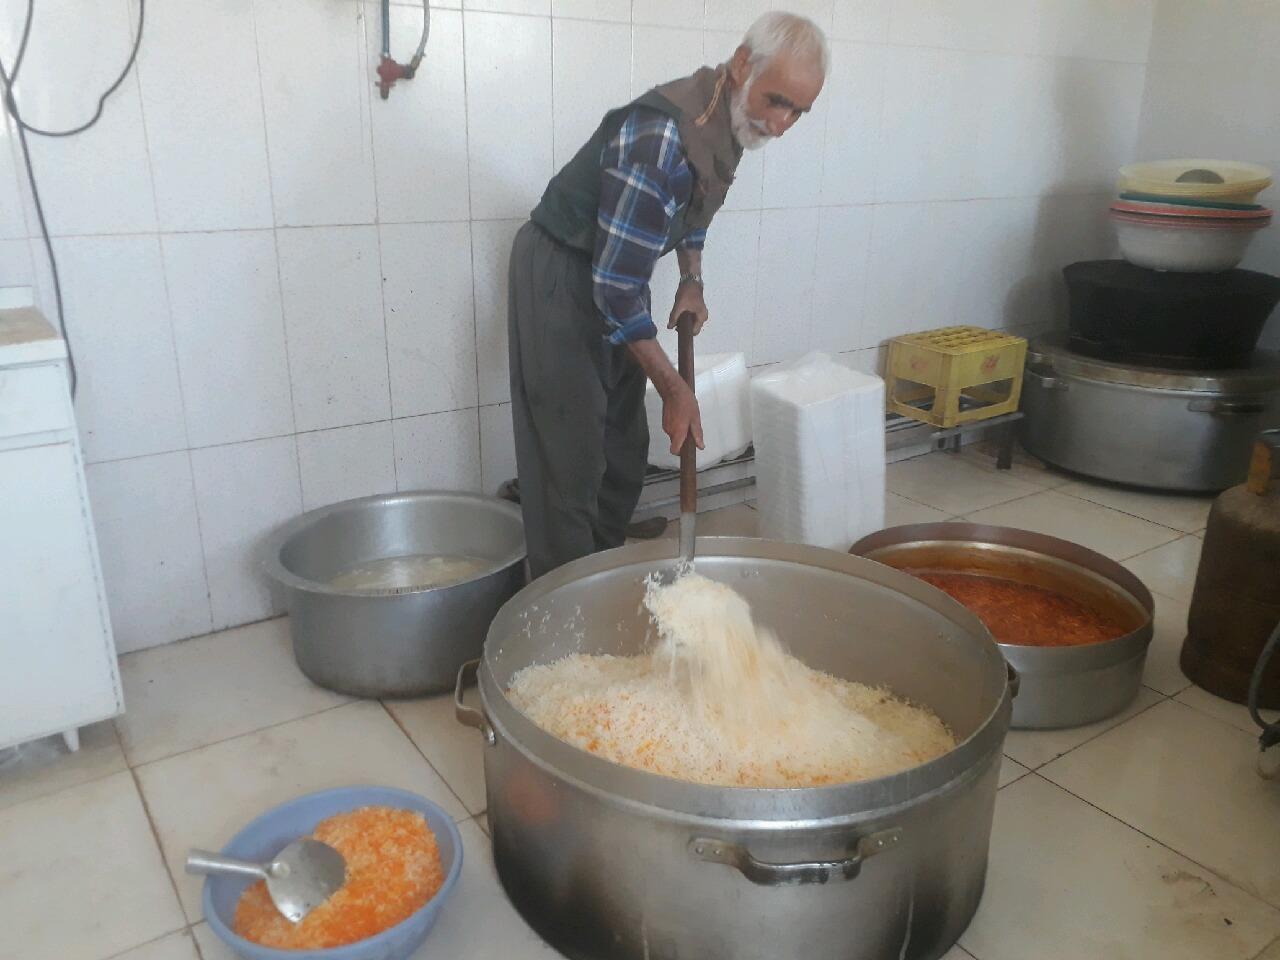 توزیع 200 وعده غذای گرم بین محرومان سربیشه